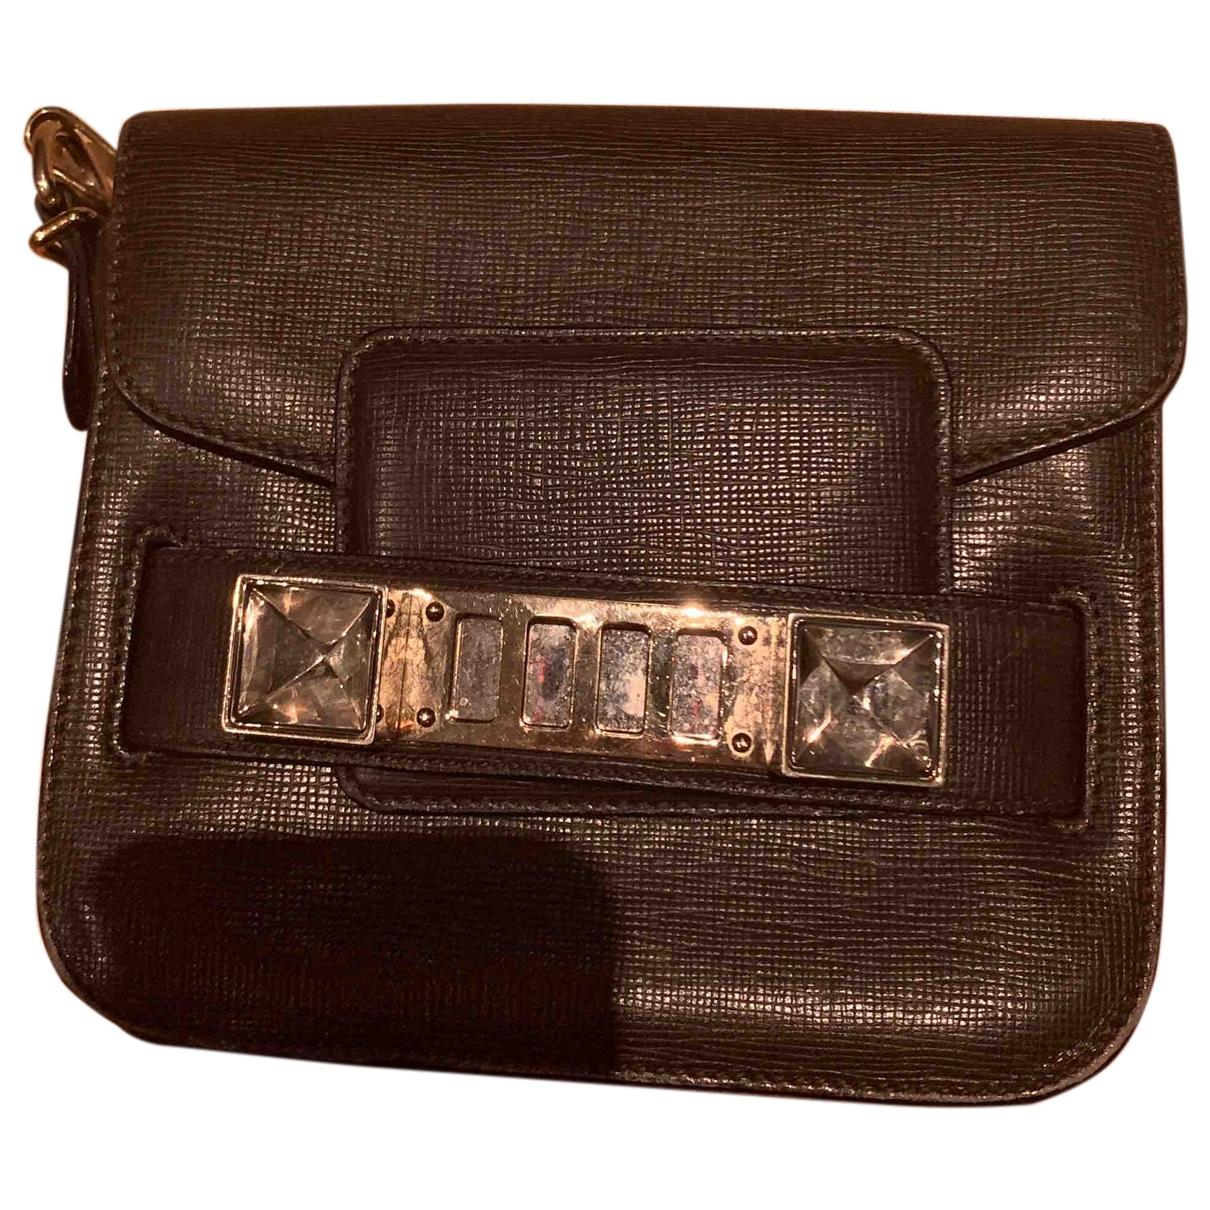 Proenza Schouler PS11 Handtasche in  Braun Leder